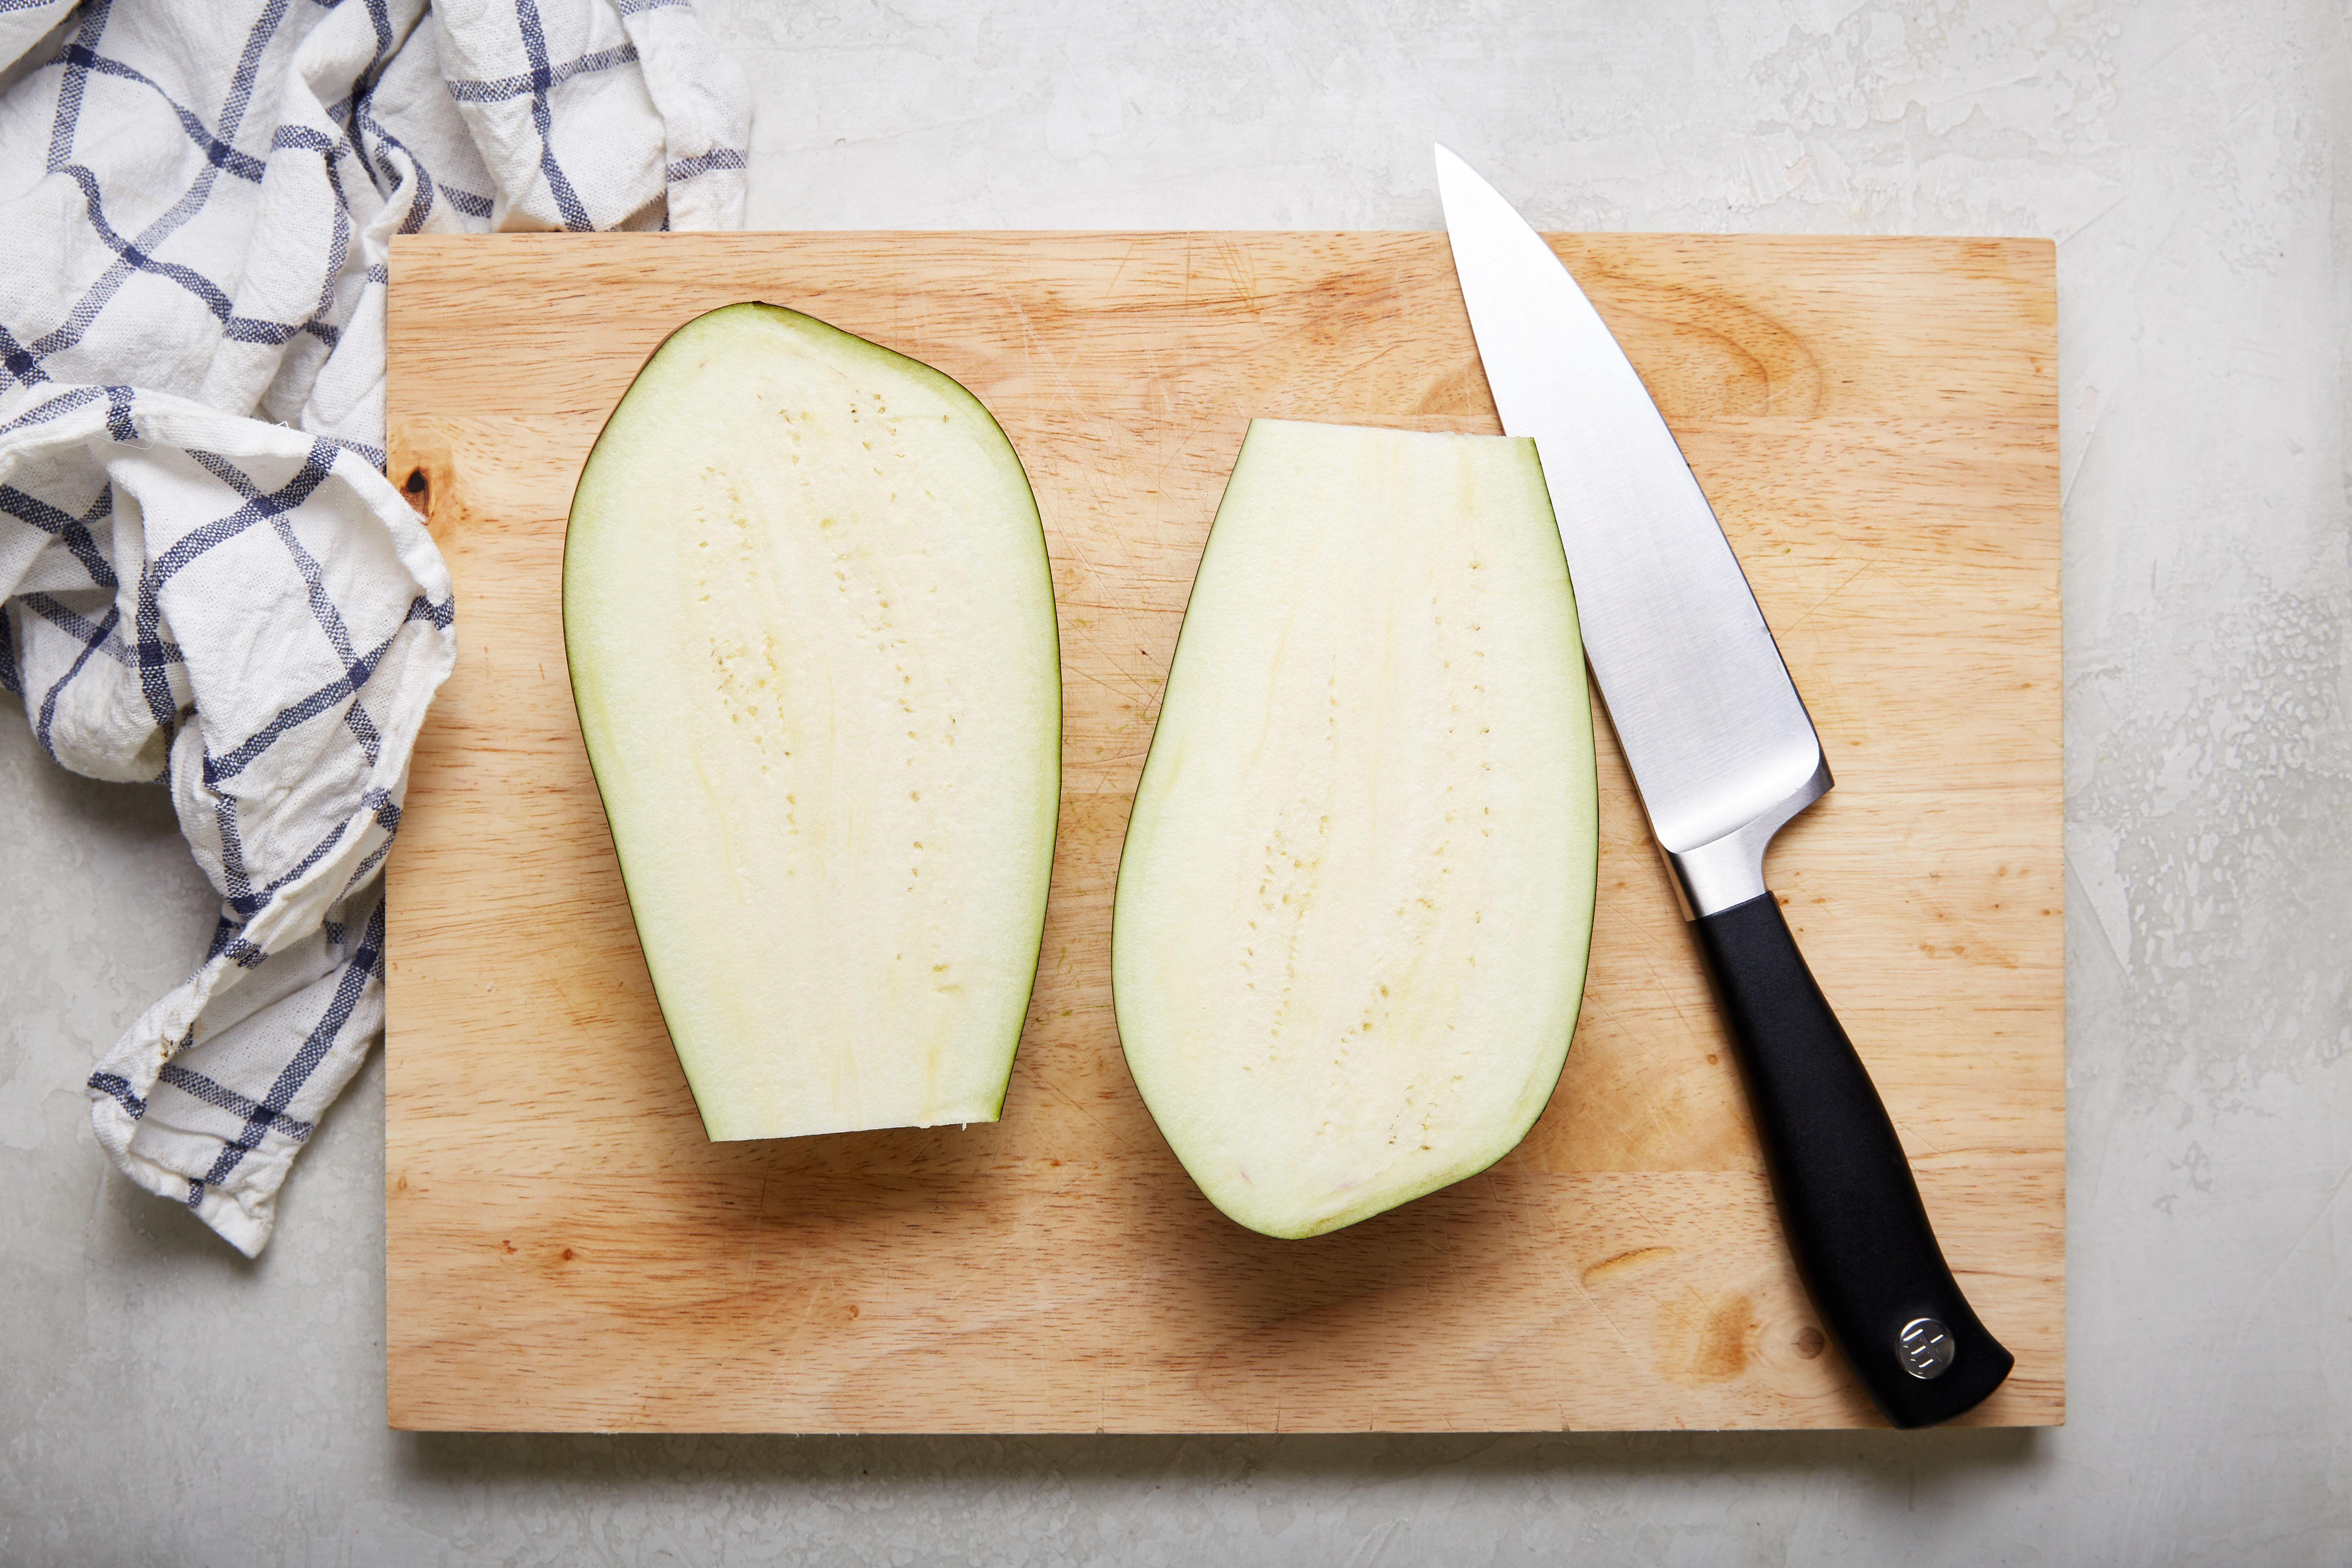 Slice eggplant in half